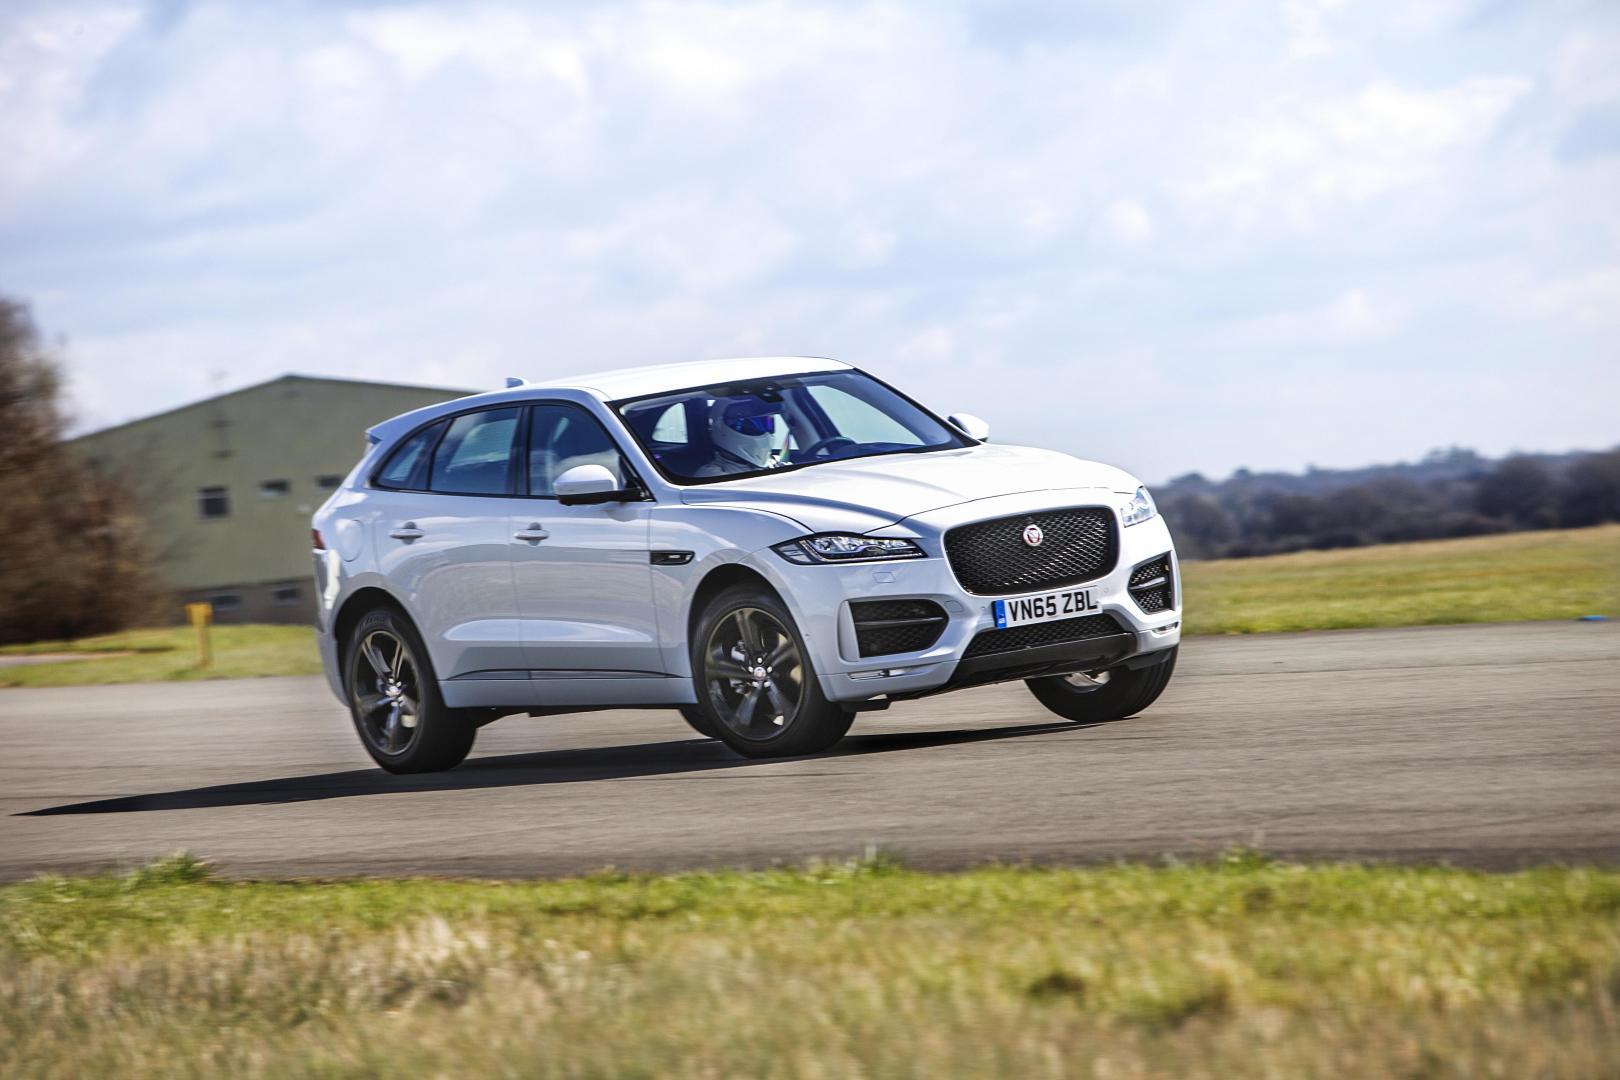 Jaguar F-pace topgear seizoen 23